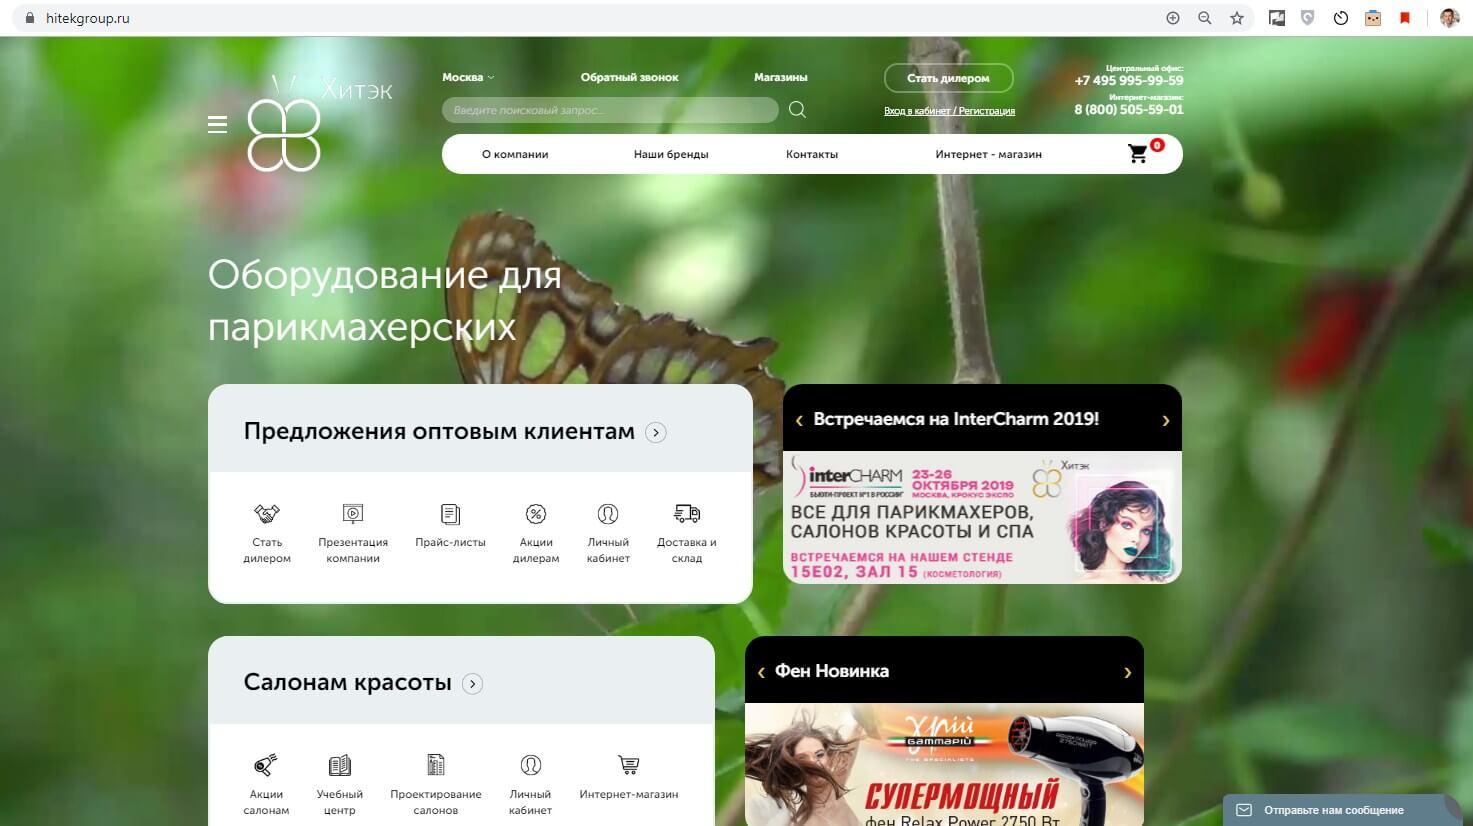 hitekgroup.ru  - Парикмахерское оборудование - рейтинг производителей